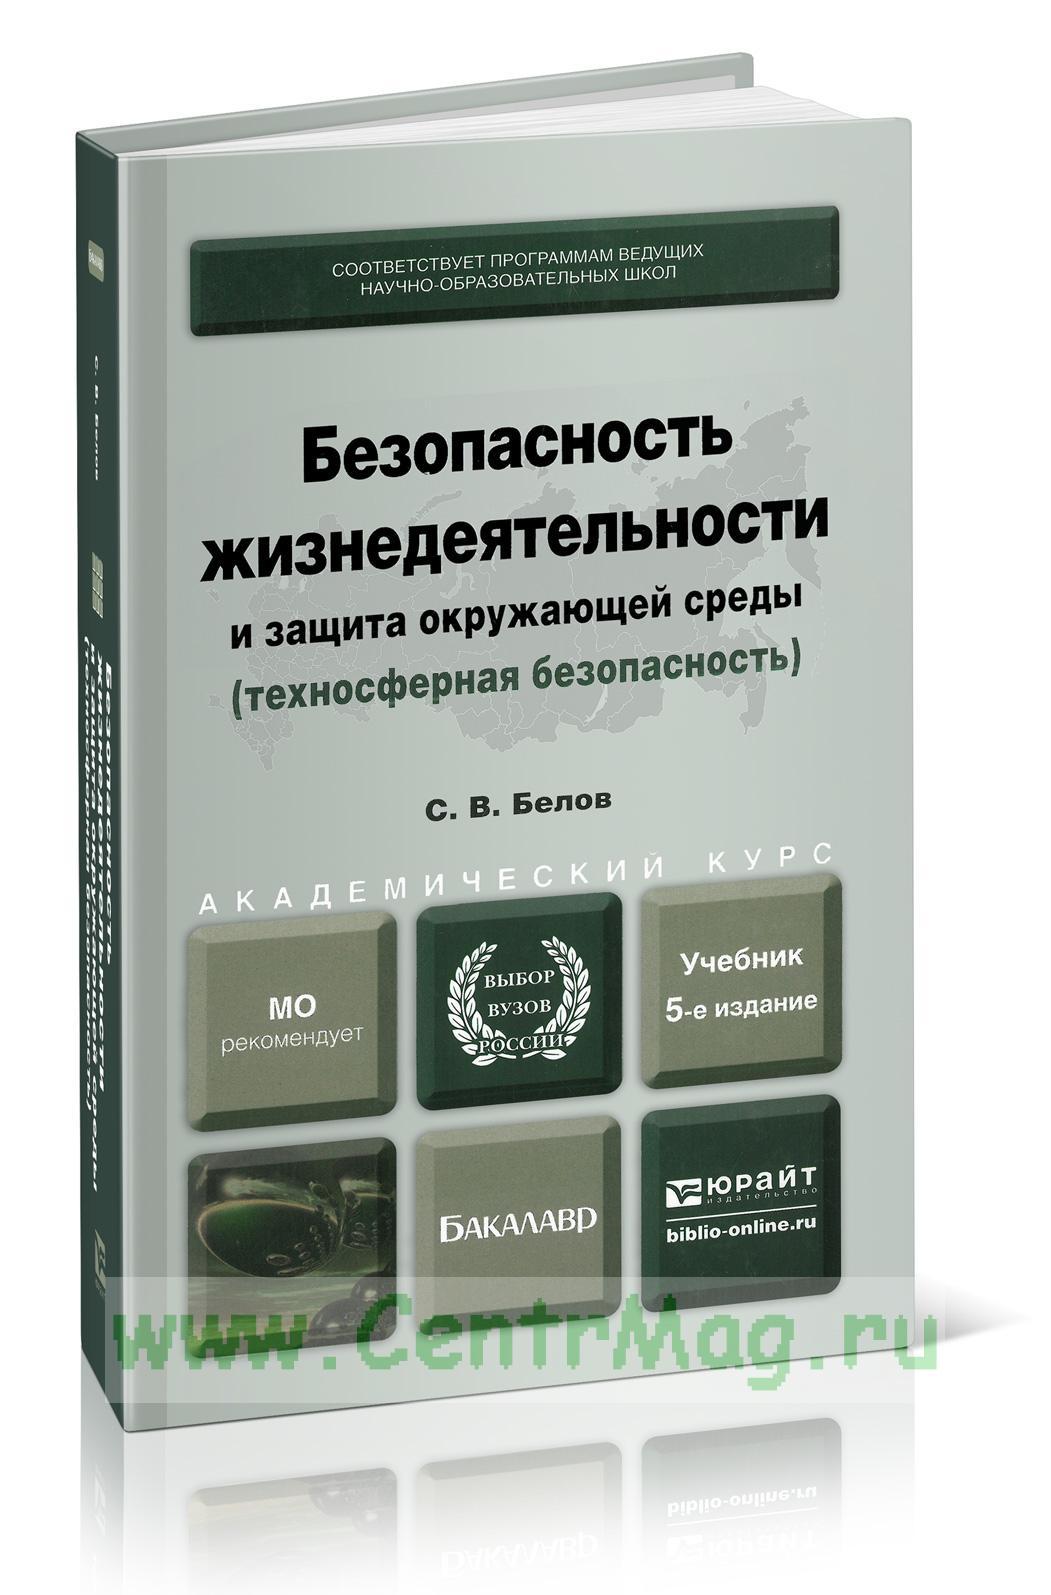 Безопасность жизнедеятельности и защита окружающей среды (техносферная безопасность) (5-е издание, переработанное и дополненное)